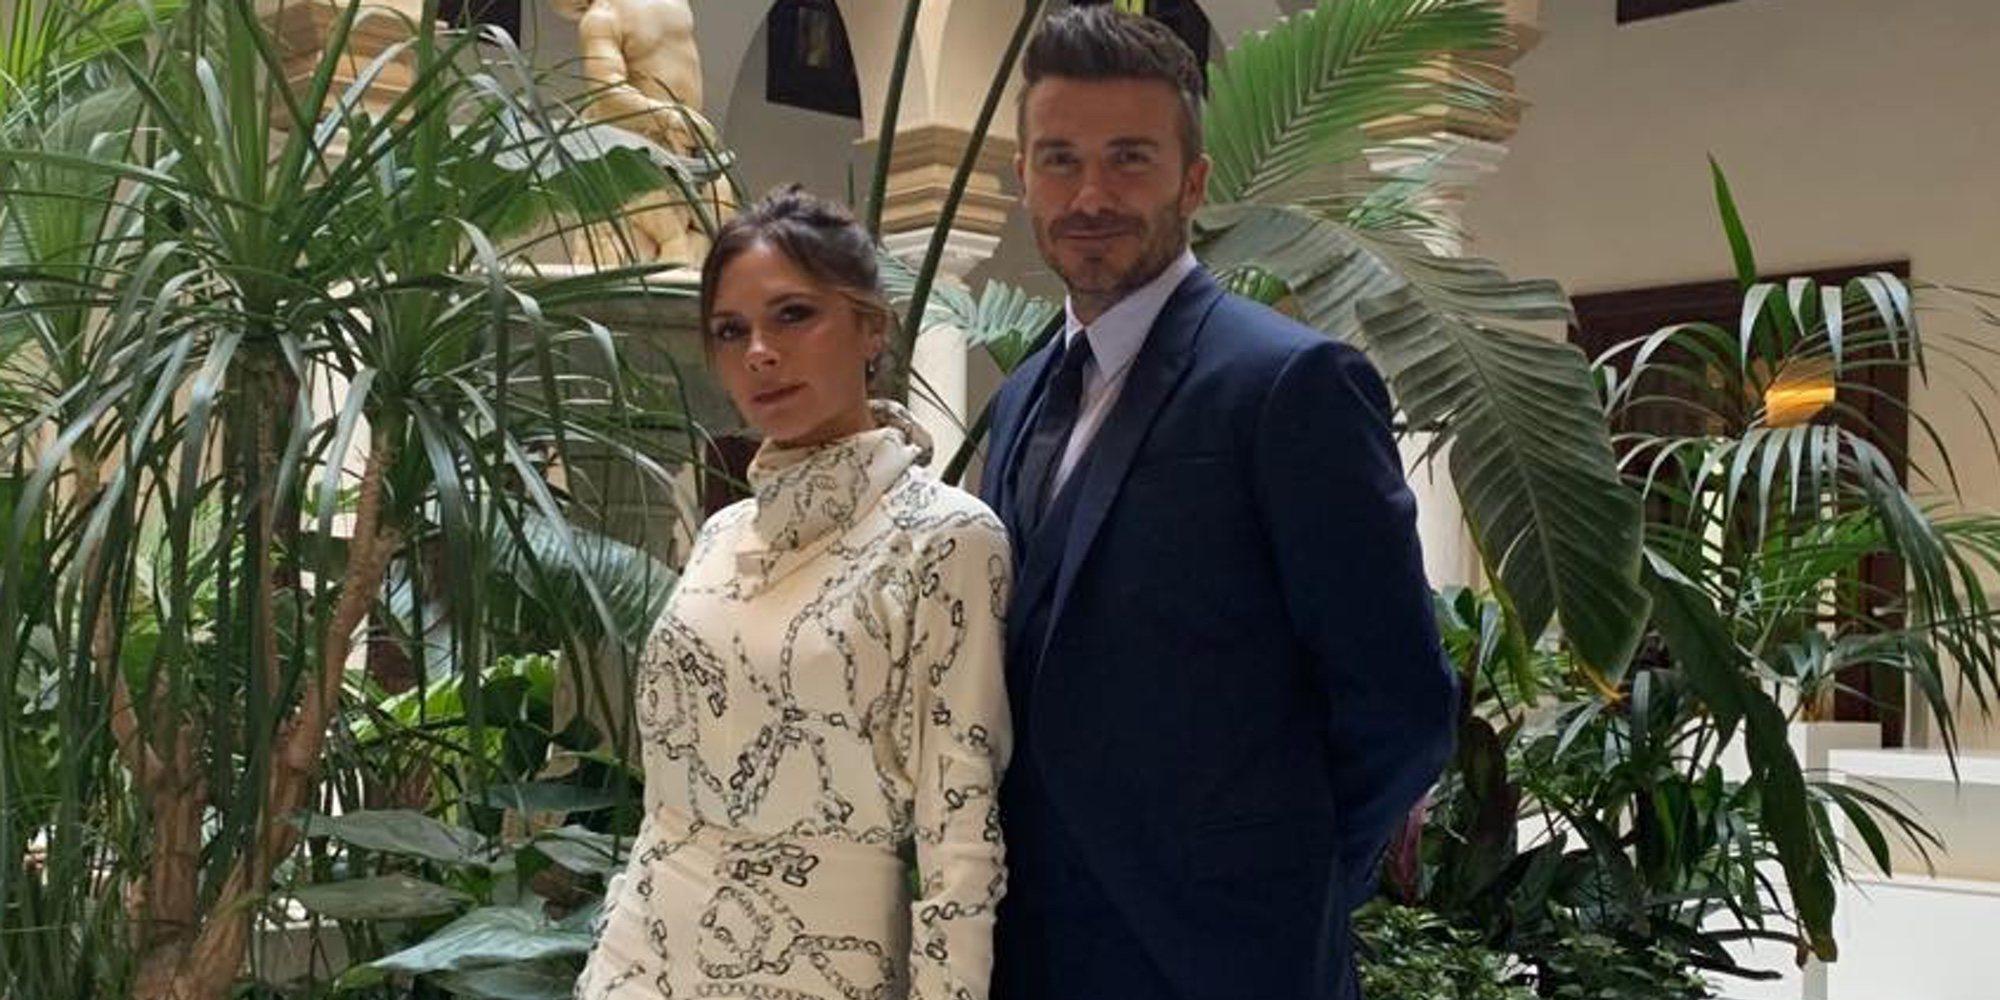 Romeo, Cruz y Harper Seven Beckham también viajaron a Sevilla para la boda de Sergio Ramos y Pilar Rubio